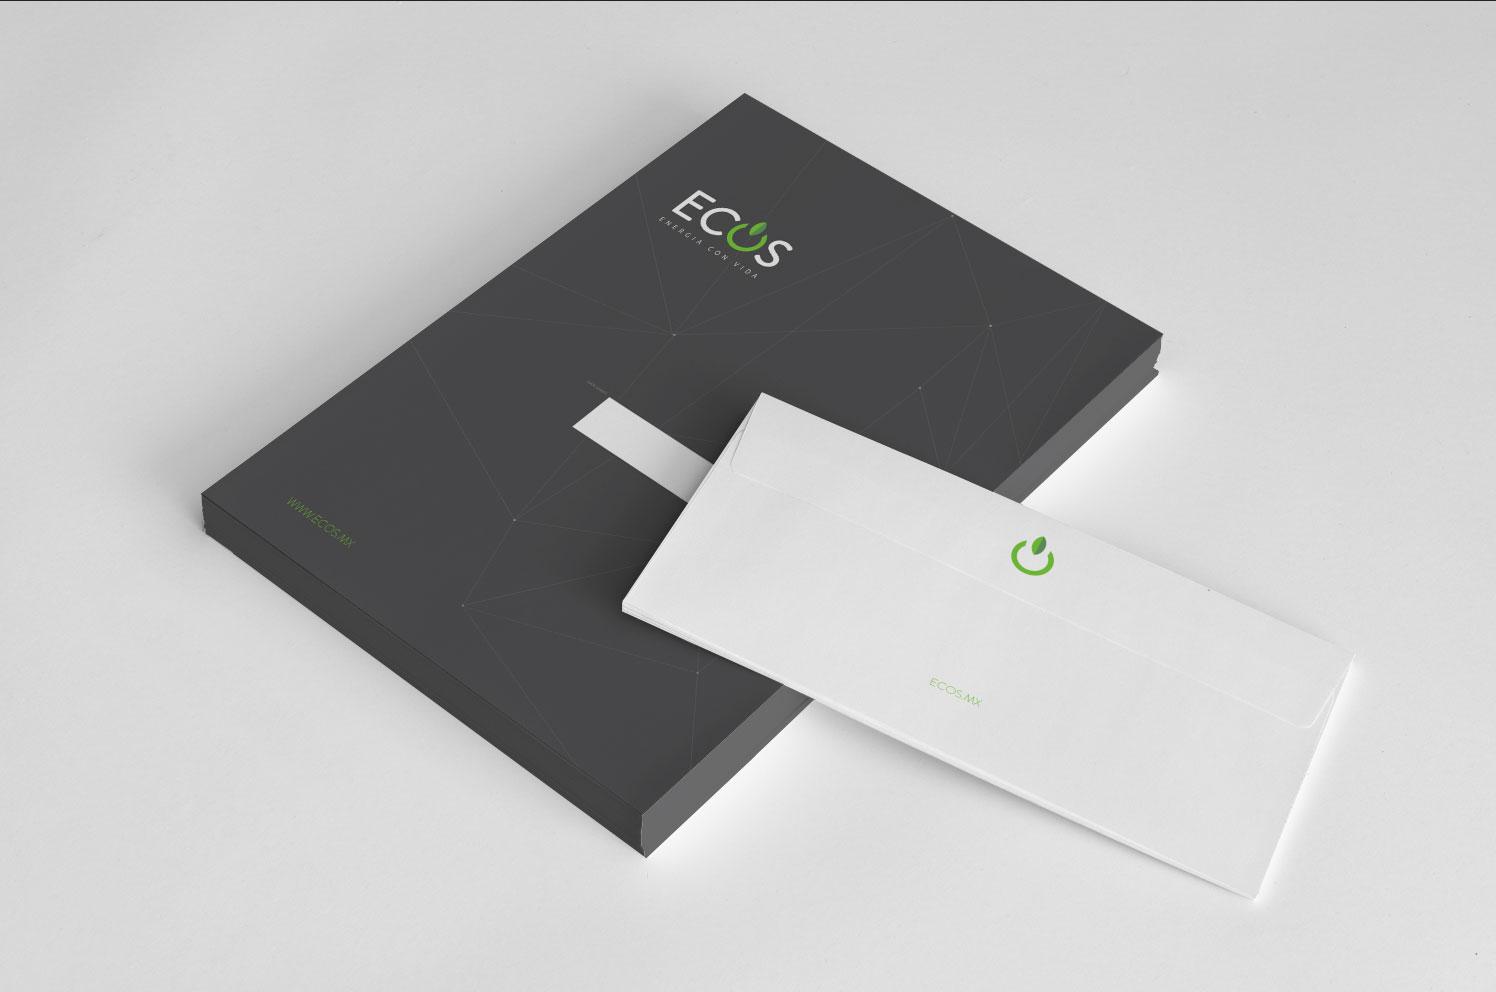 identidad-corporativa-logotipo-portada-sobre-ecos